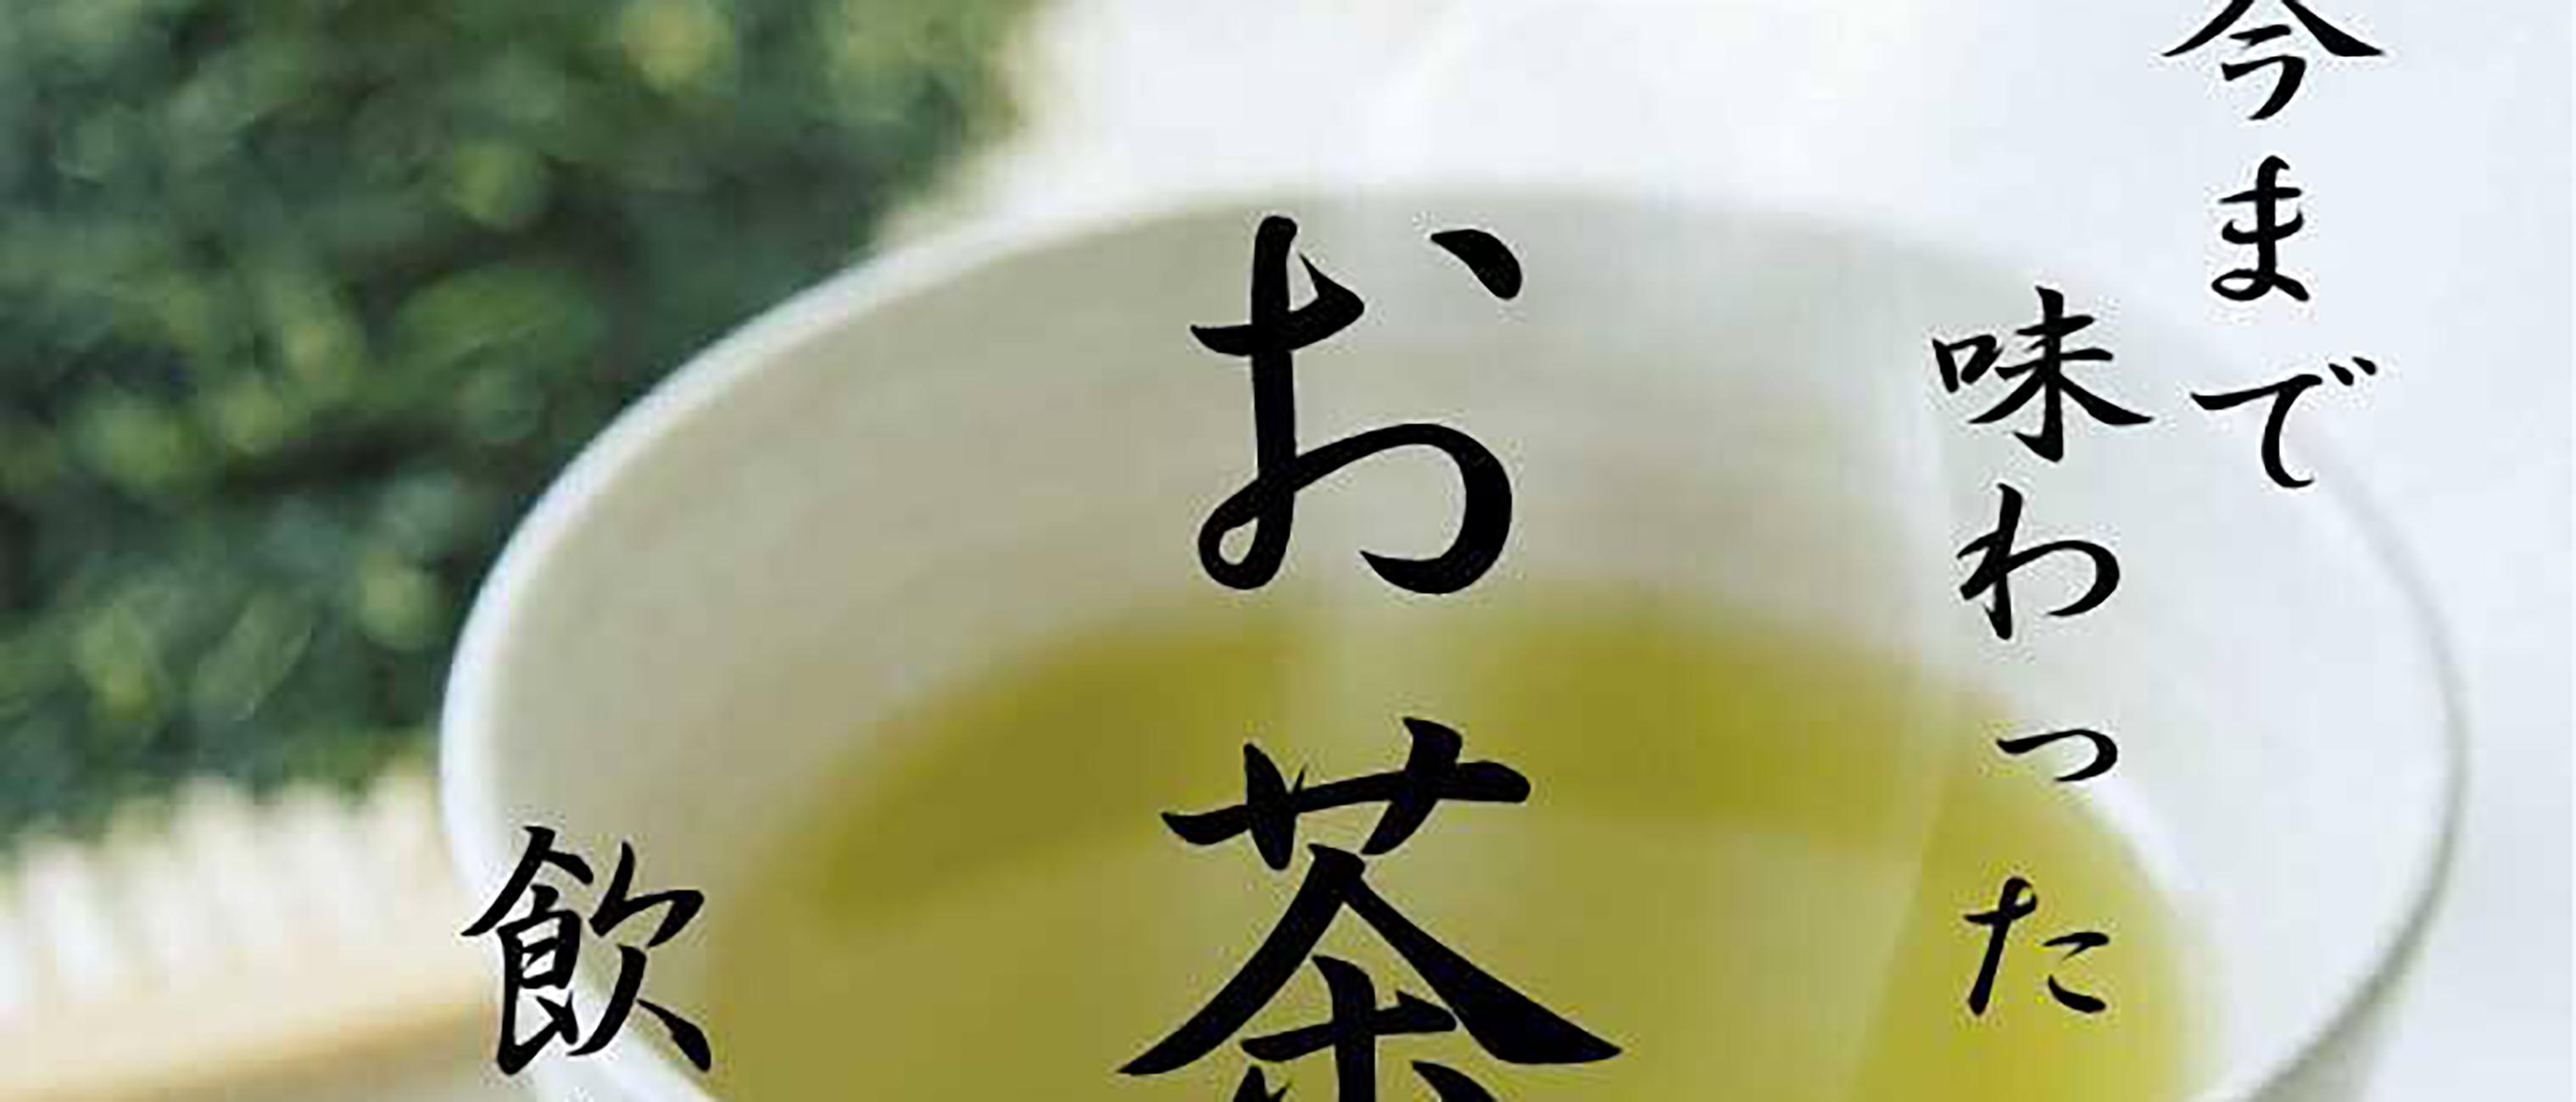 茶の匠 <金久保俊也>が伝える、お茶の入れ方講座│埼玉県加須市、創業145年の茶の匠【下総屋茶舗】